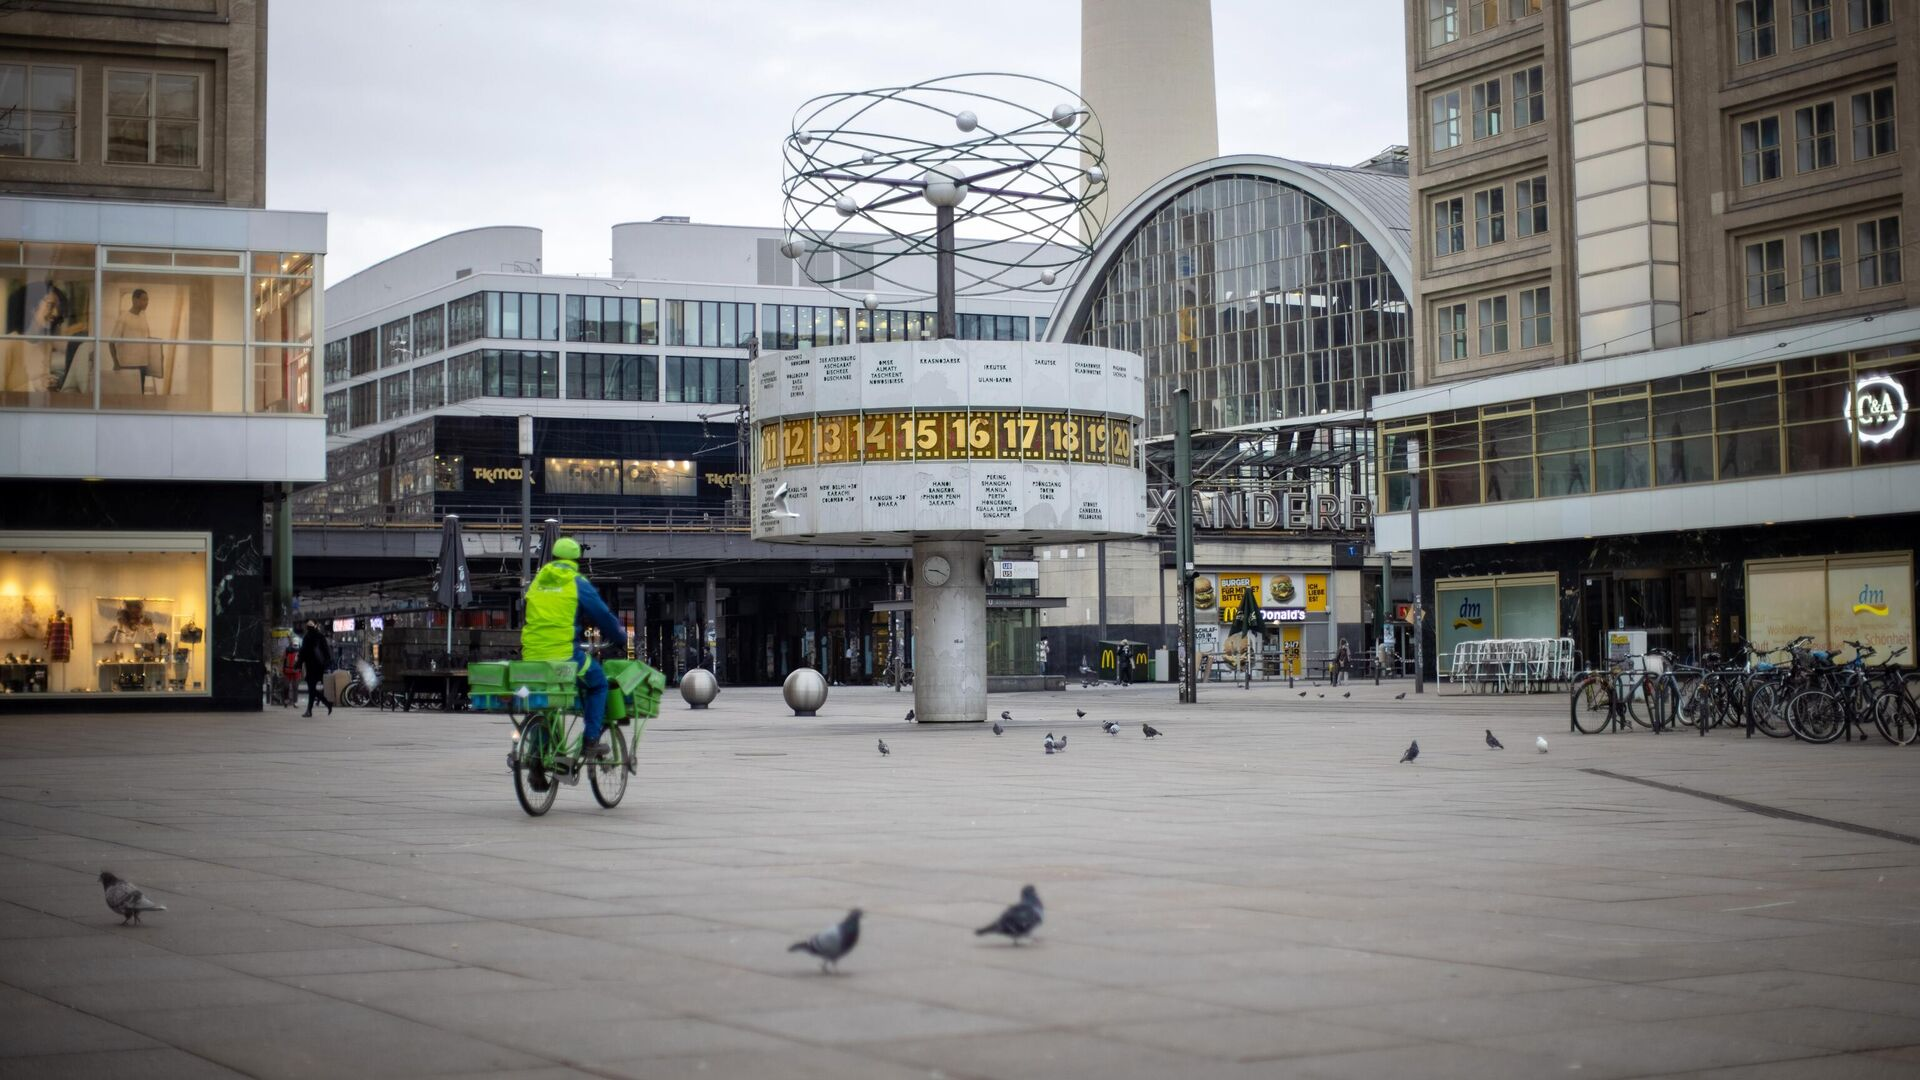 Площадь Александерплац в Берлине во время общенационального локдауна из-за второй волны пандемии коронавируса  - РИА Новости, 1920, 01.02.2021